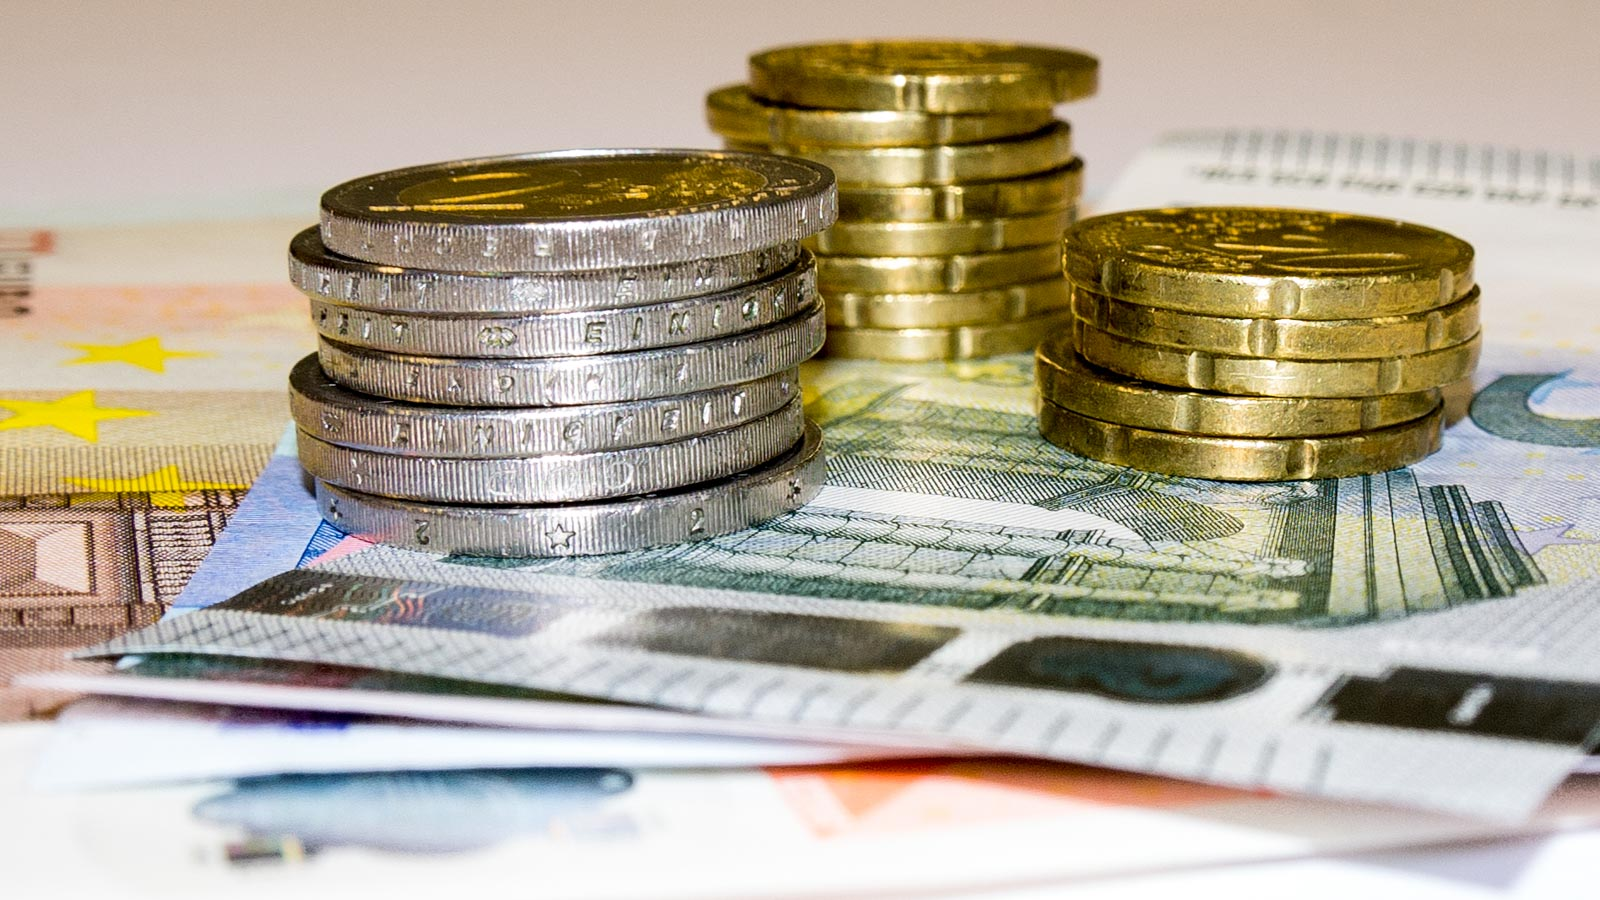 Geldmünzenstapel auf Geldscheinen